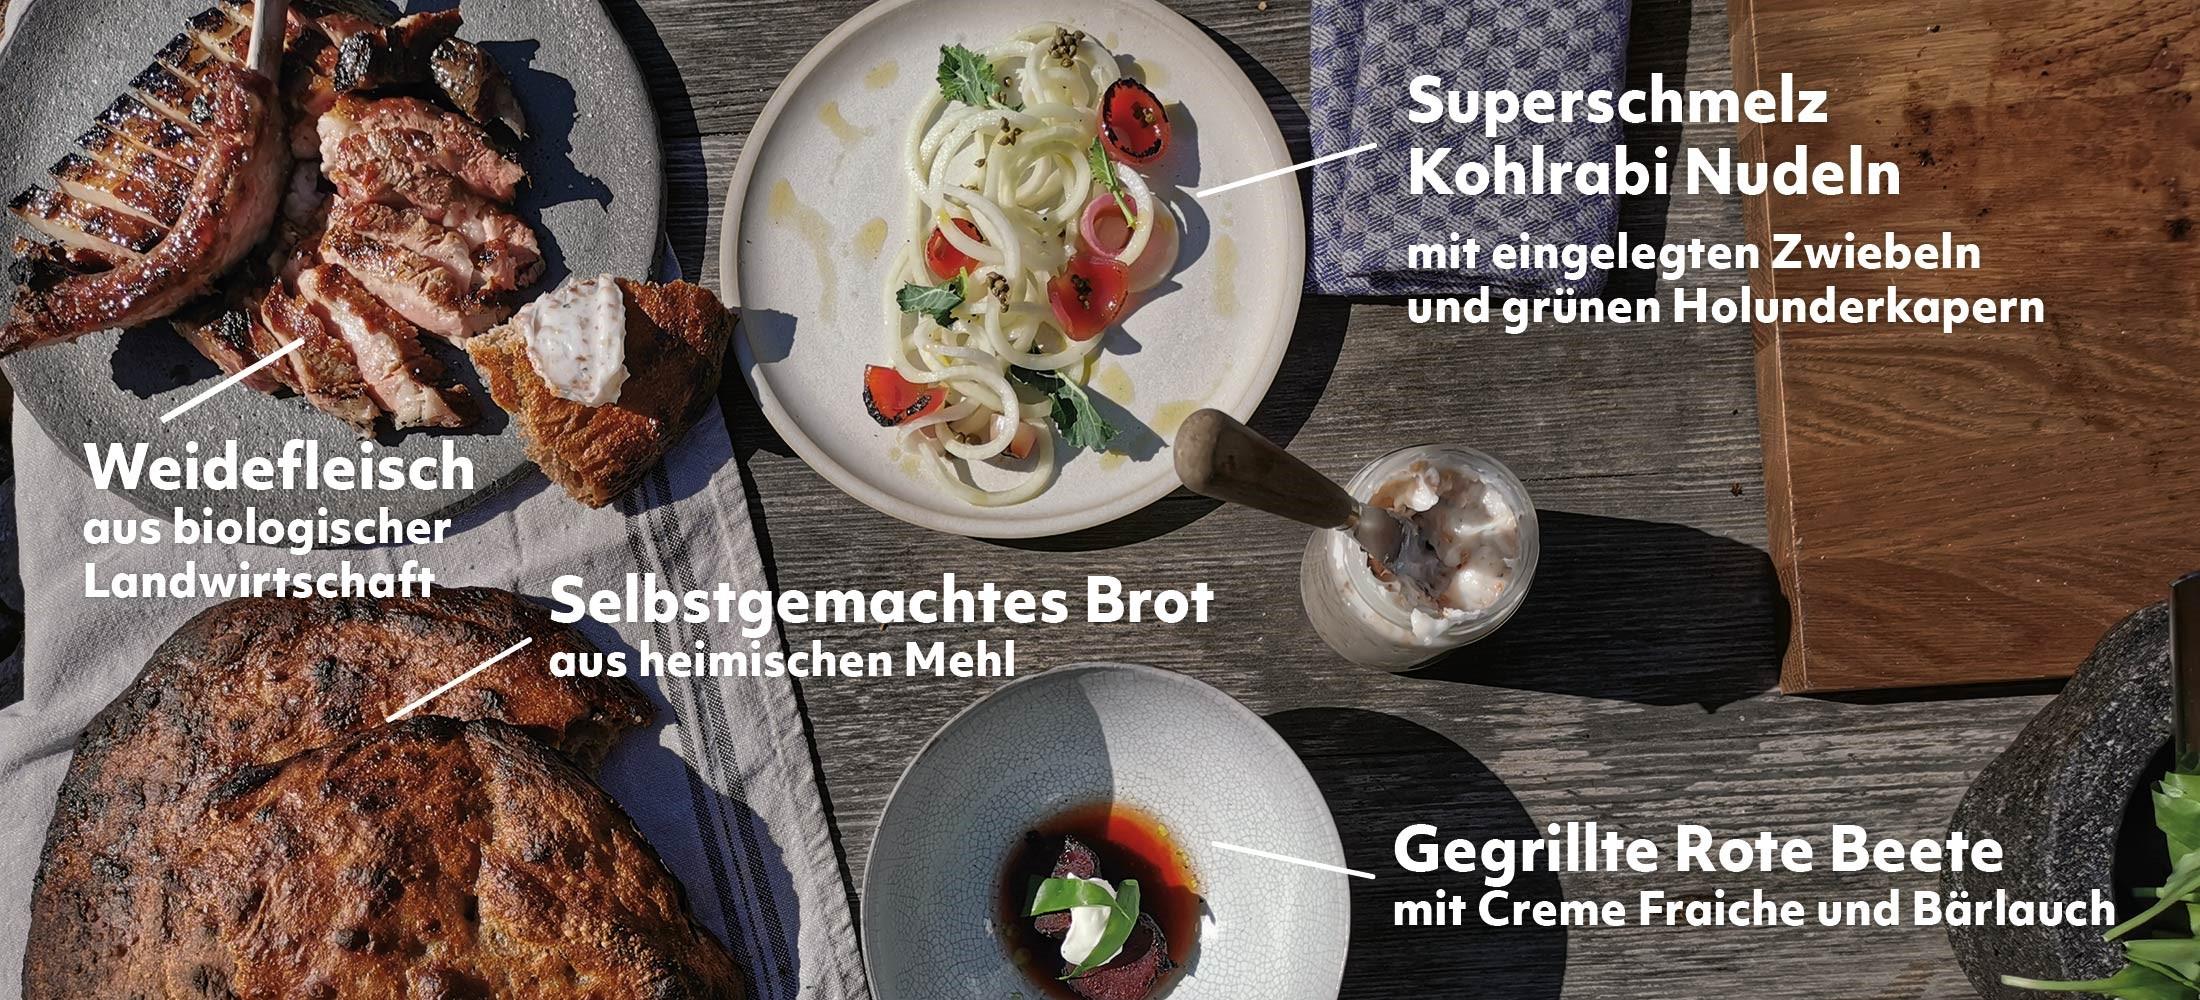 Draufsicht auf das Gericht, dass Max Müller zubereitet hat. Weidefleisch und Kolrabi-Nudeln, dazu ein selbstgebackenes Brot und gegrillte rote Beete.